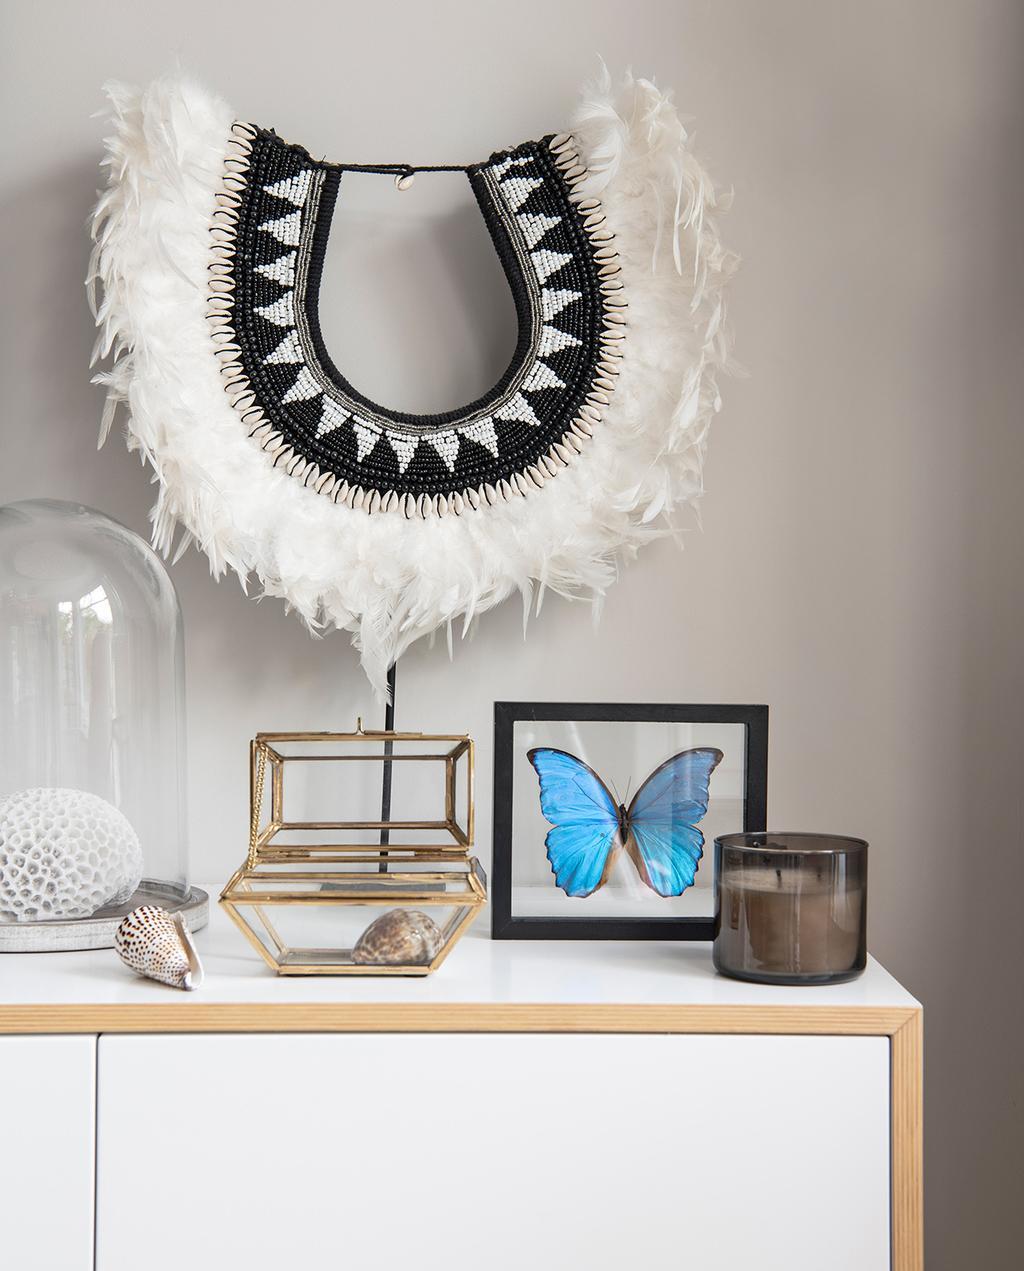 vtwonen 04-2021 | ketting met veren op houten dressoir